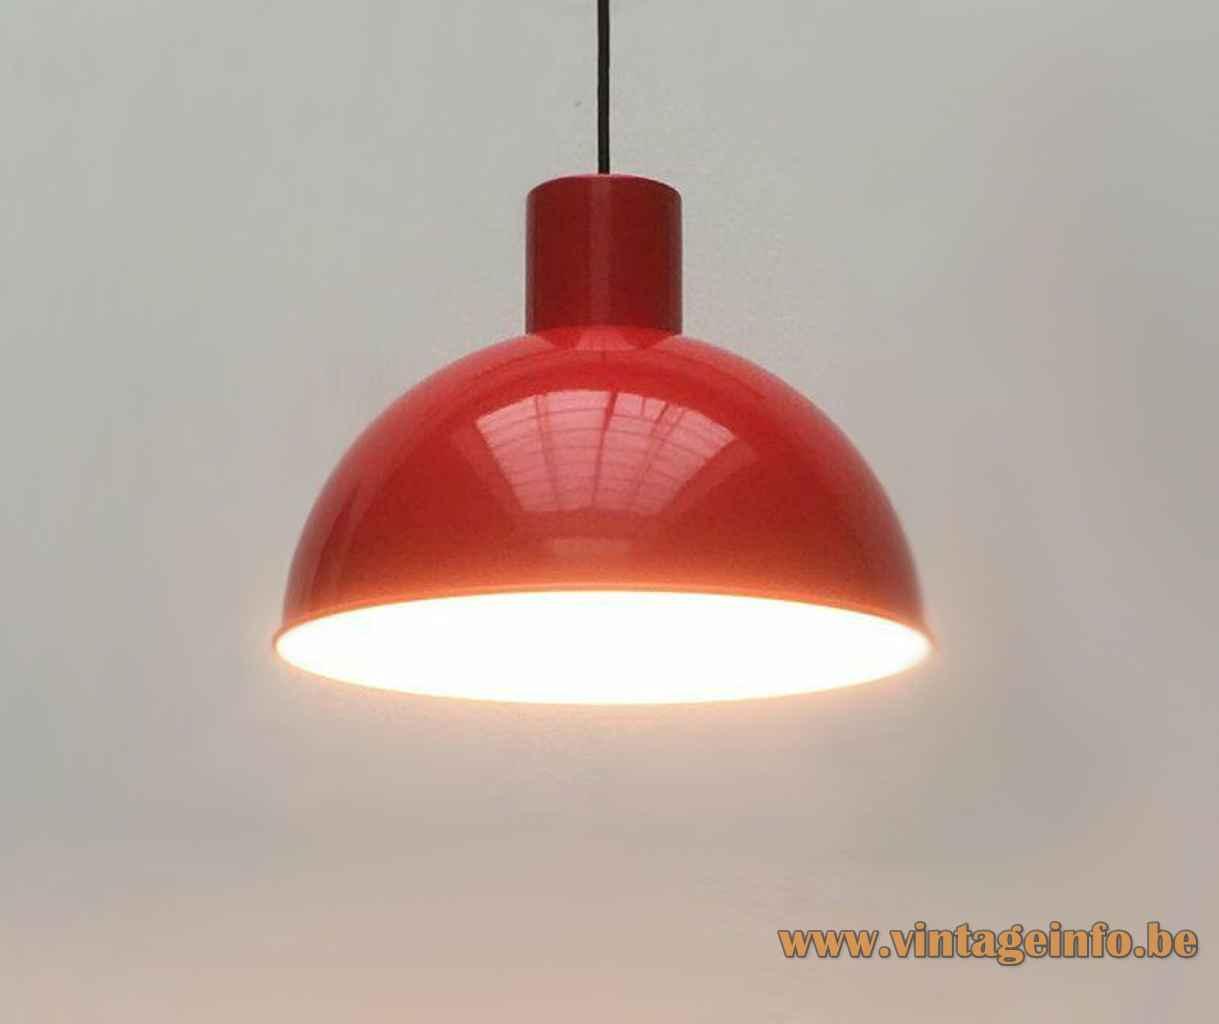 Fog & Mørup Bunker pendant lamp red aluminium mushroom lampshade 1970s design: Jo Hammerborg Denmark E27 socket